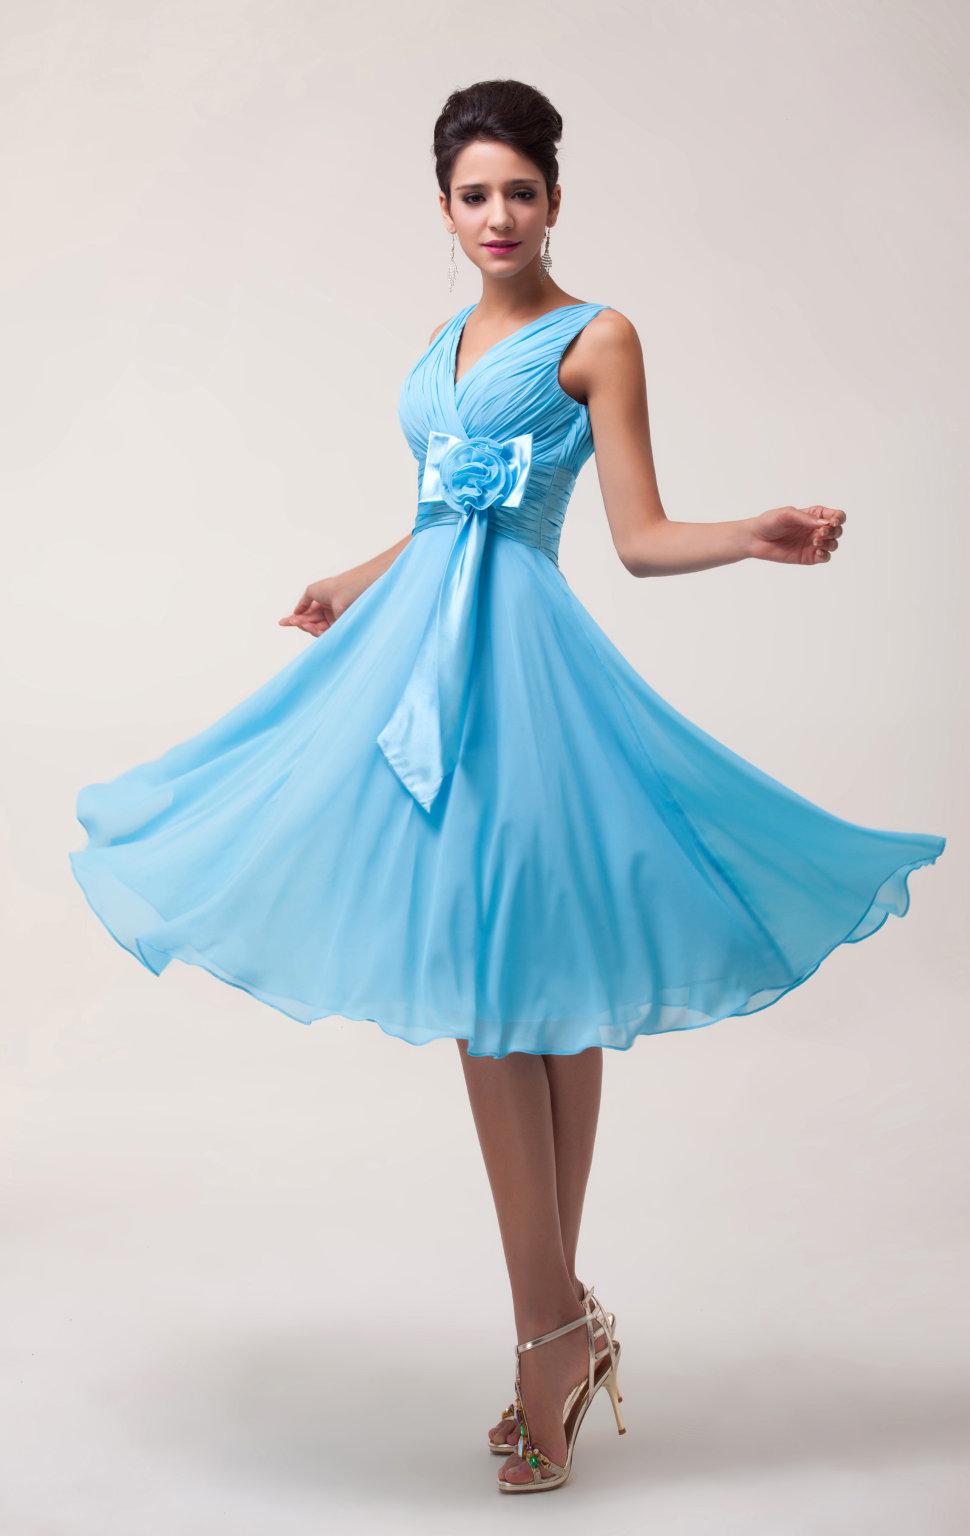 bfb16ea7f21 Вечернее платье на выпускной бал » — карточка пользователя nefrina90 ...